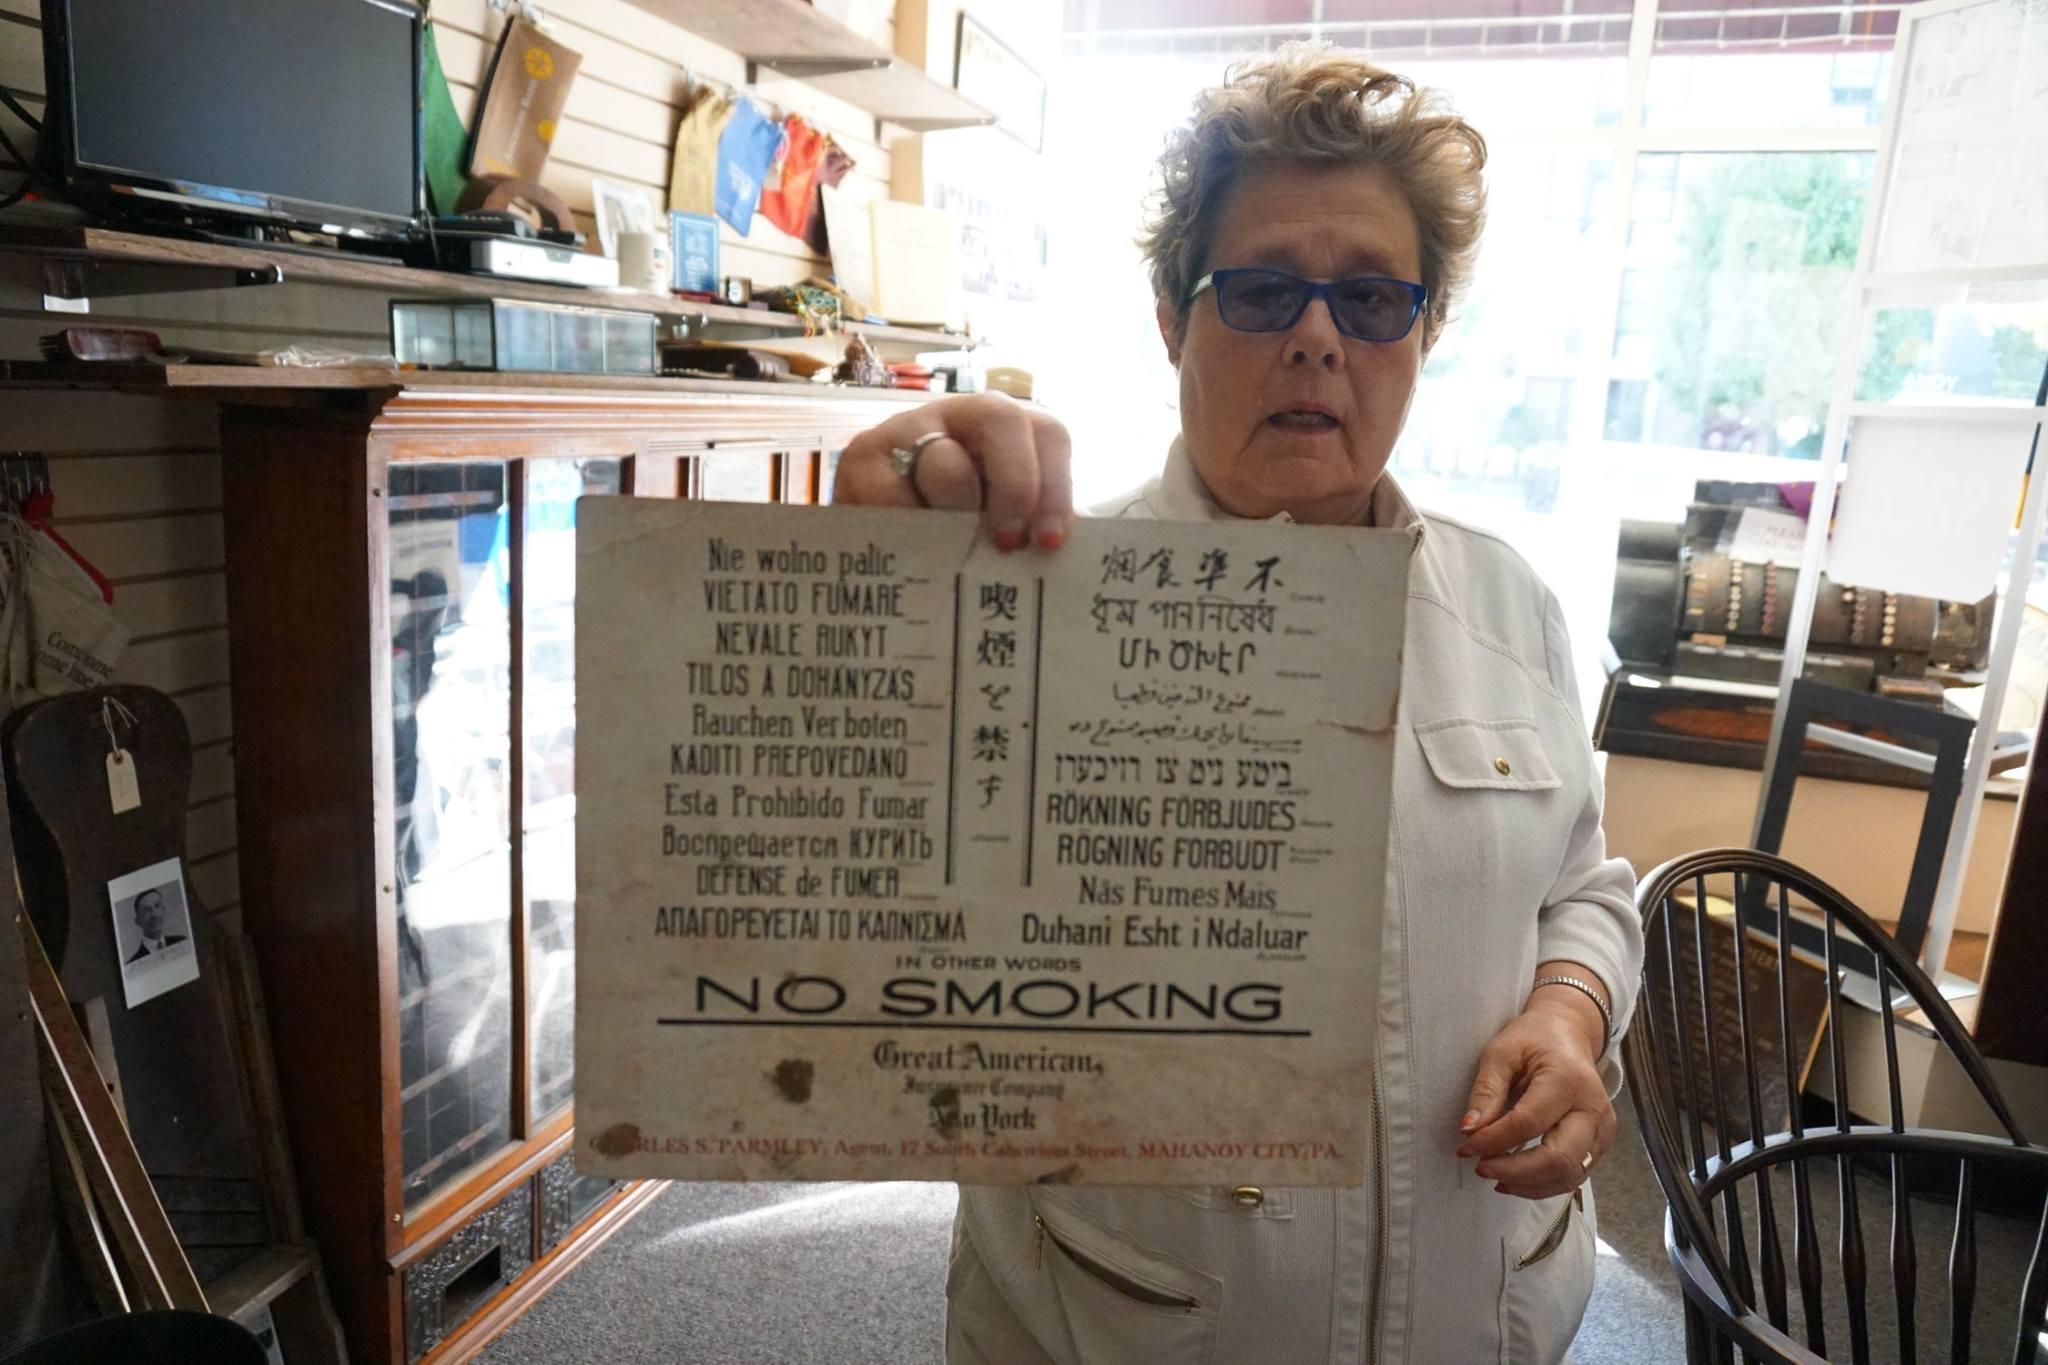 """Peg Grigalonis rodo lentelę su užrašu """"Nevale rukyt"""". Tokios lentelės visomis angliakasių vartotomis kalbomis būdavo kabinamos šachtose. Tai akivaizdus įrodymas, kad lietuviai sudarė nemenką darbininkų dalį."""